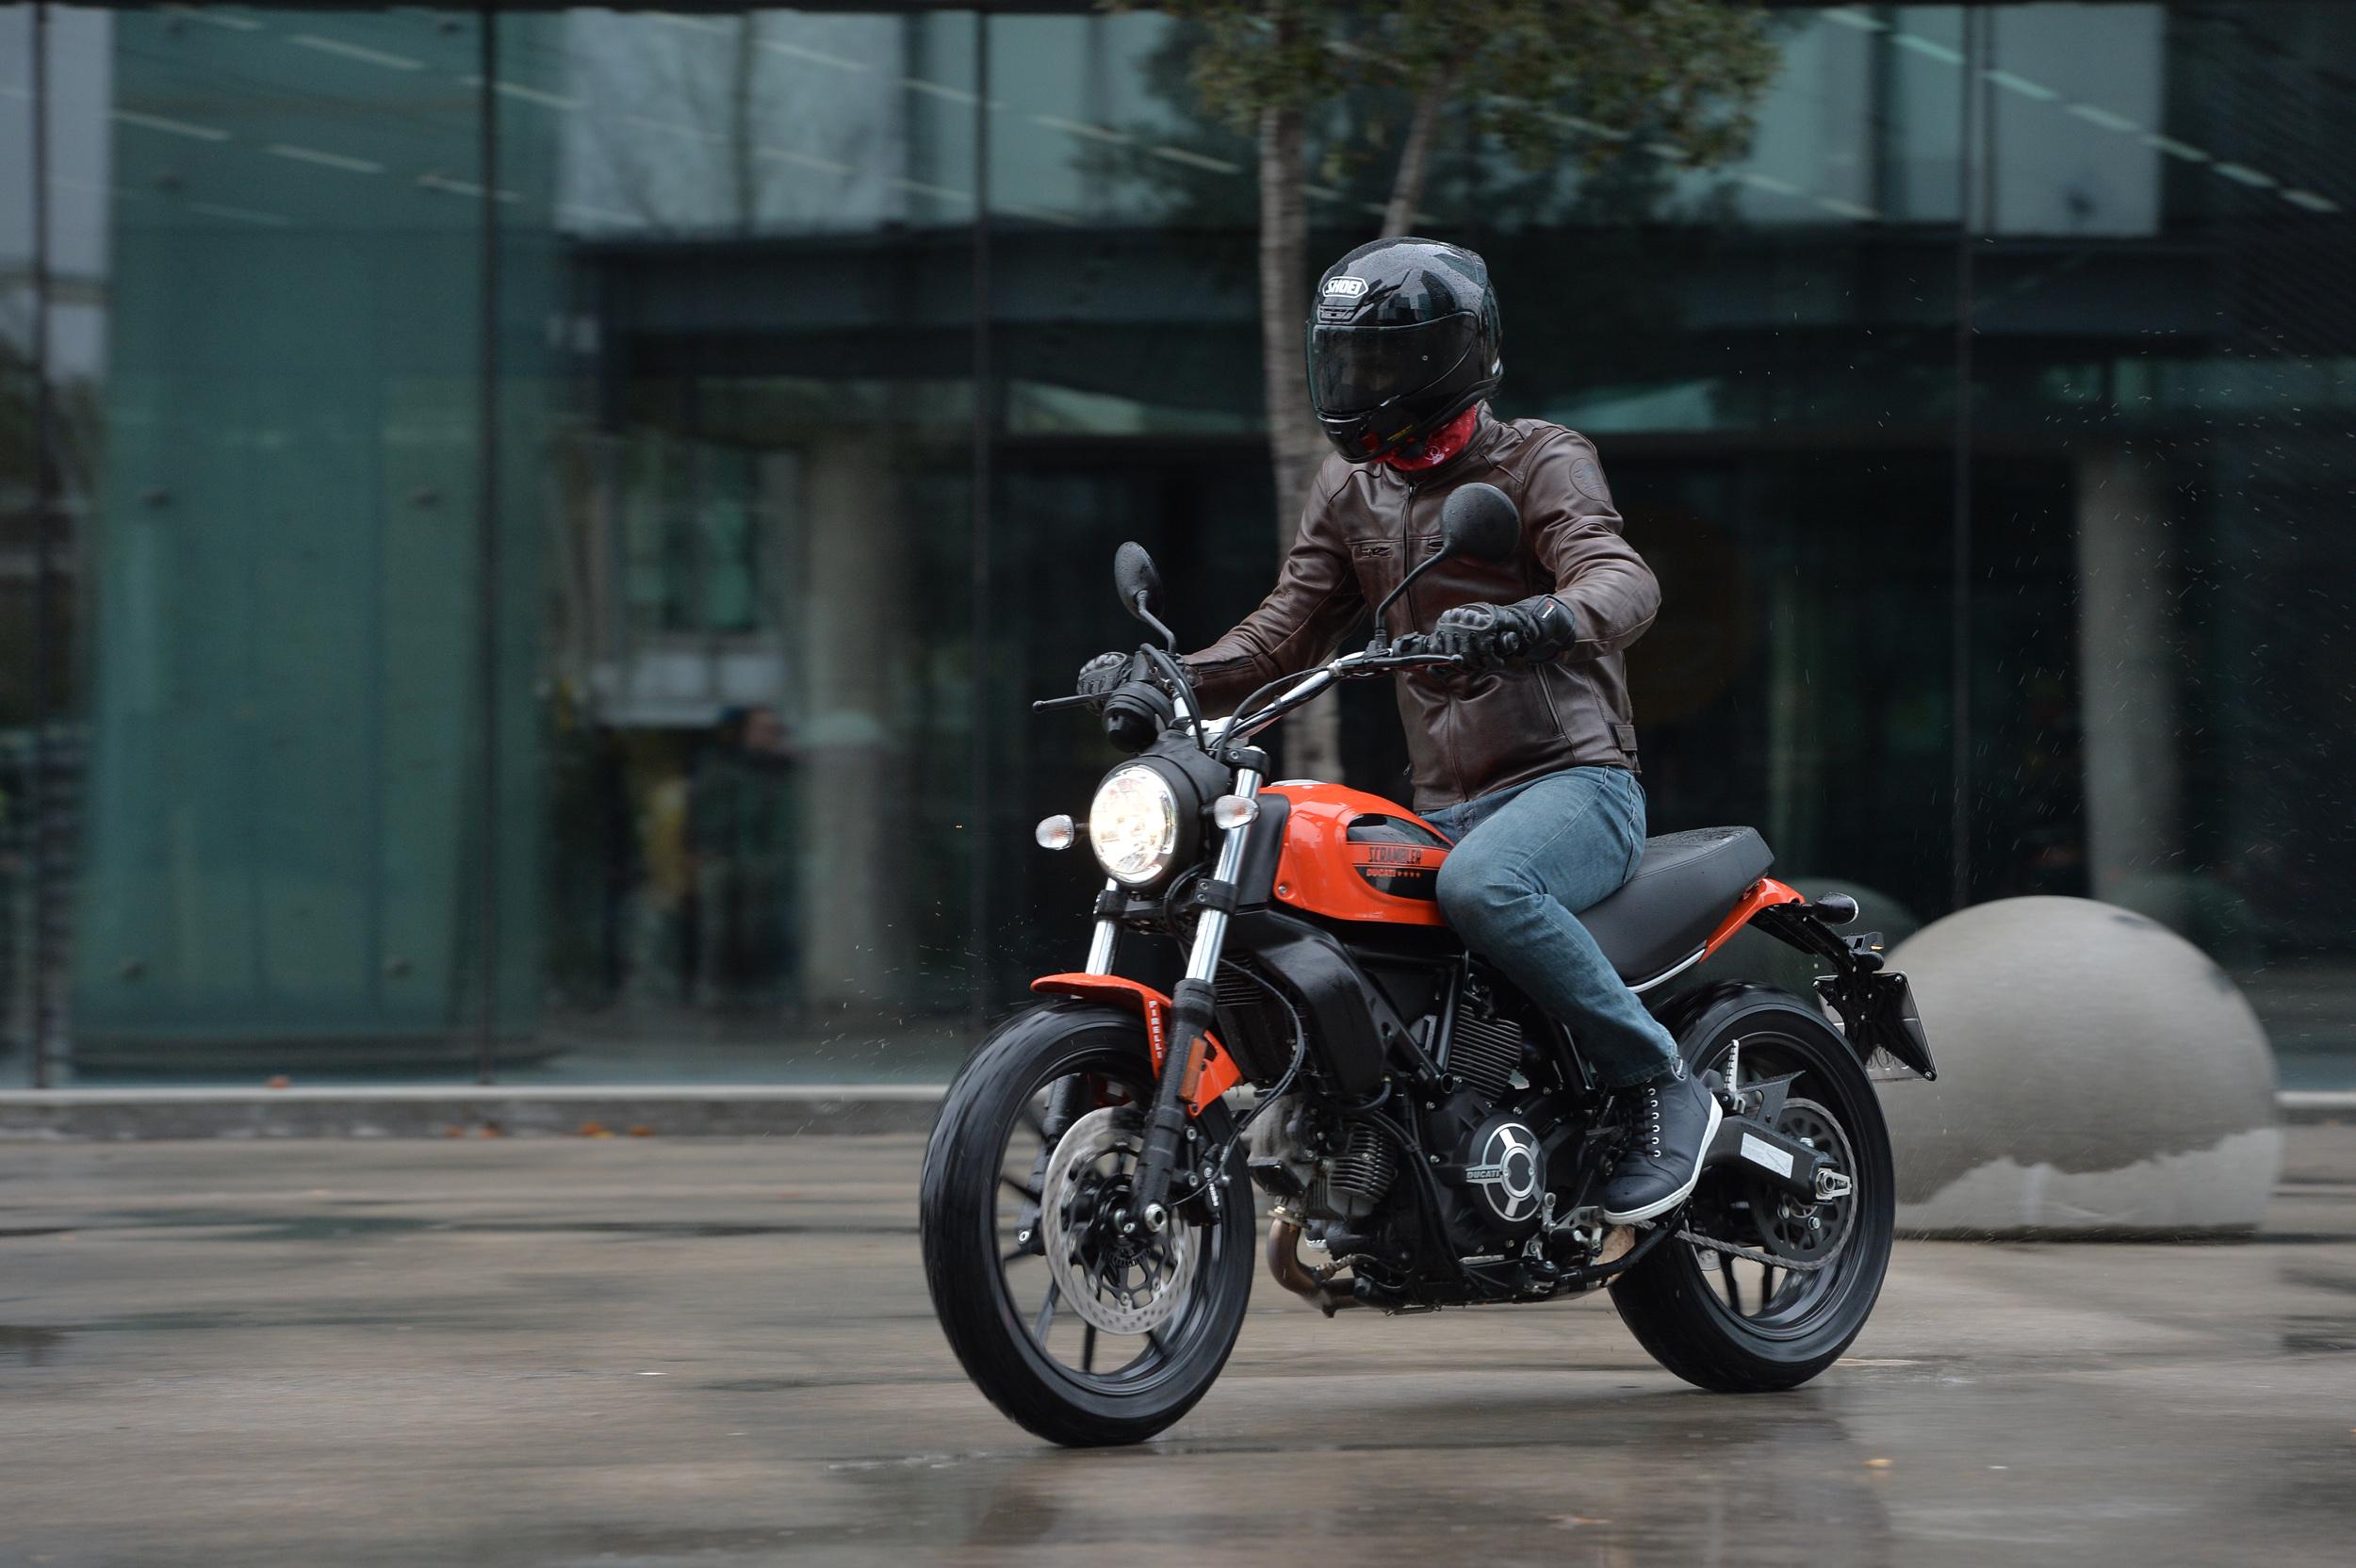 Is Ducati Scrambler A Good First Bike